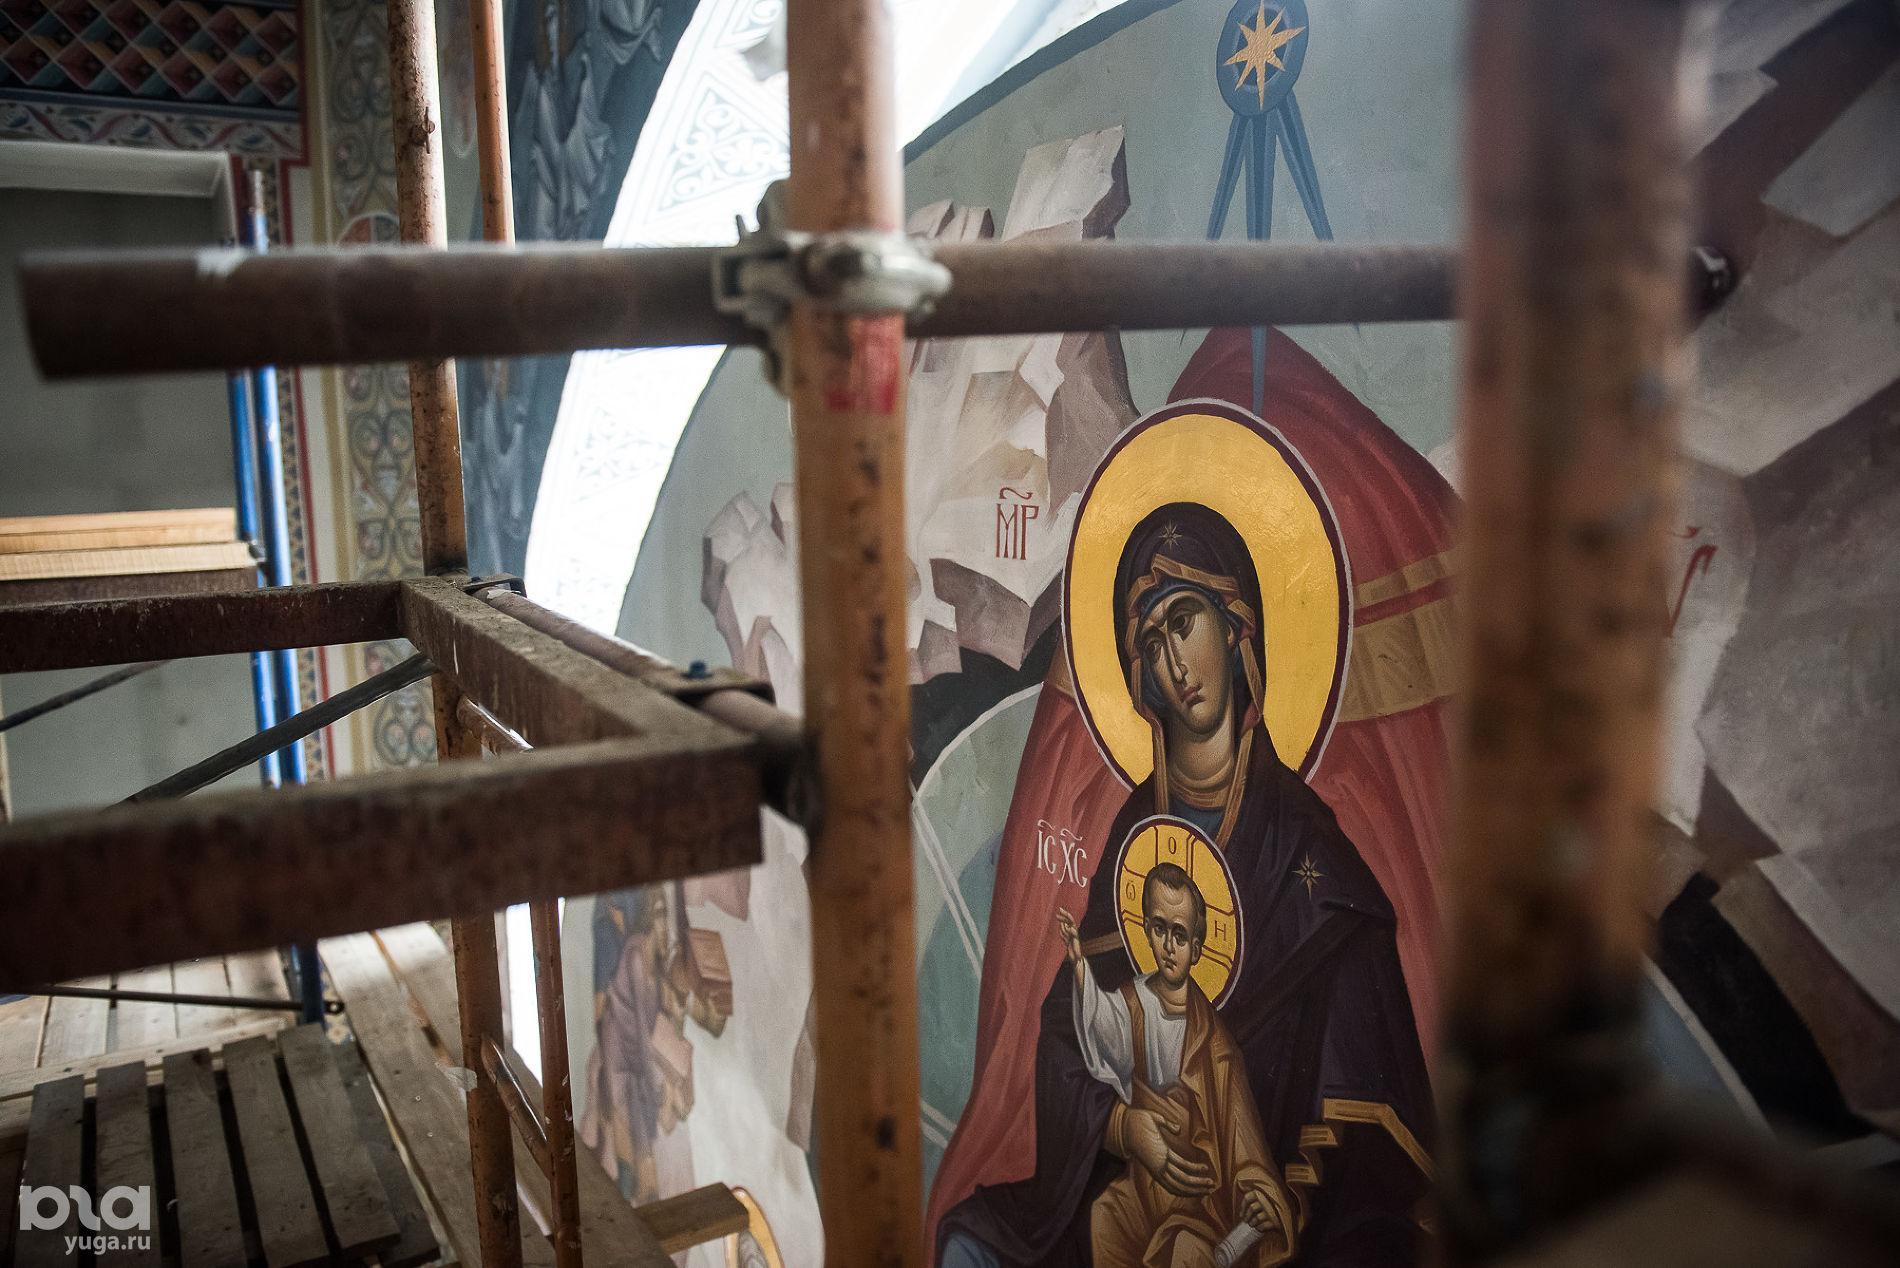 Роспись в Рождественском храме ©Фото Елены Синеок, Юга.ру